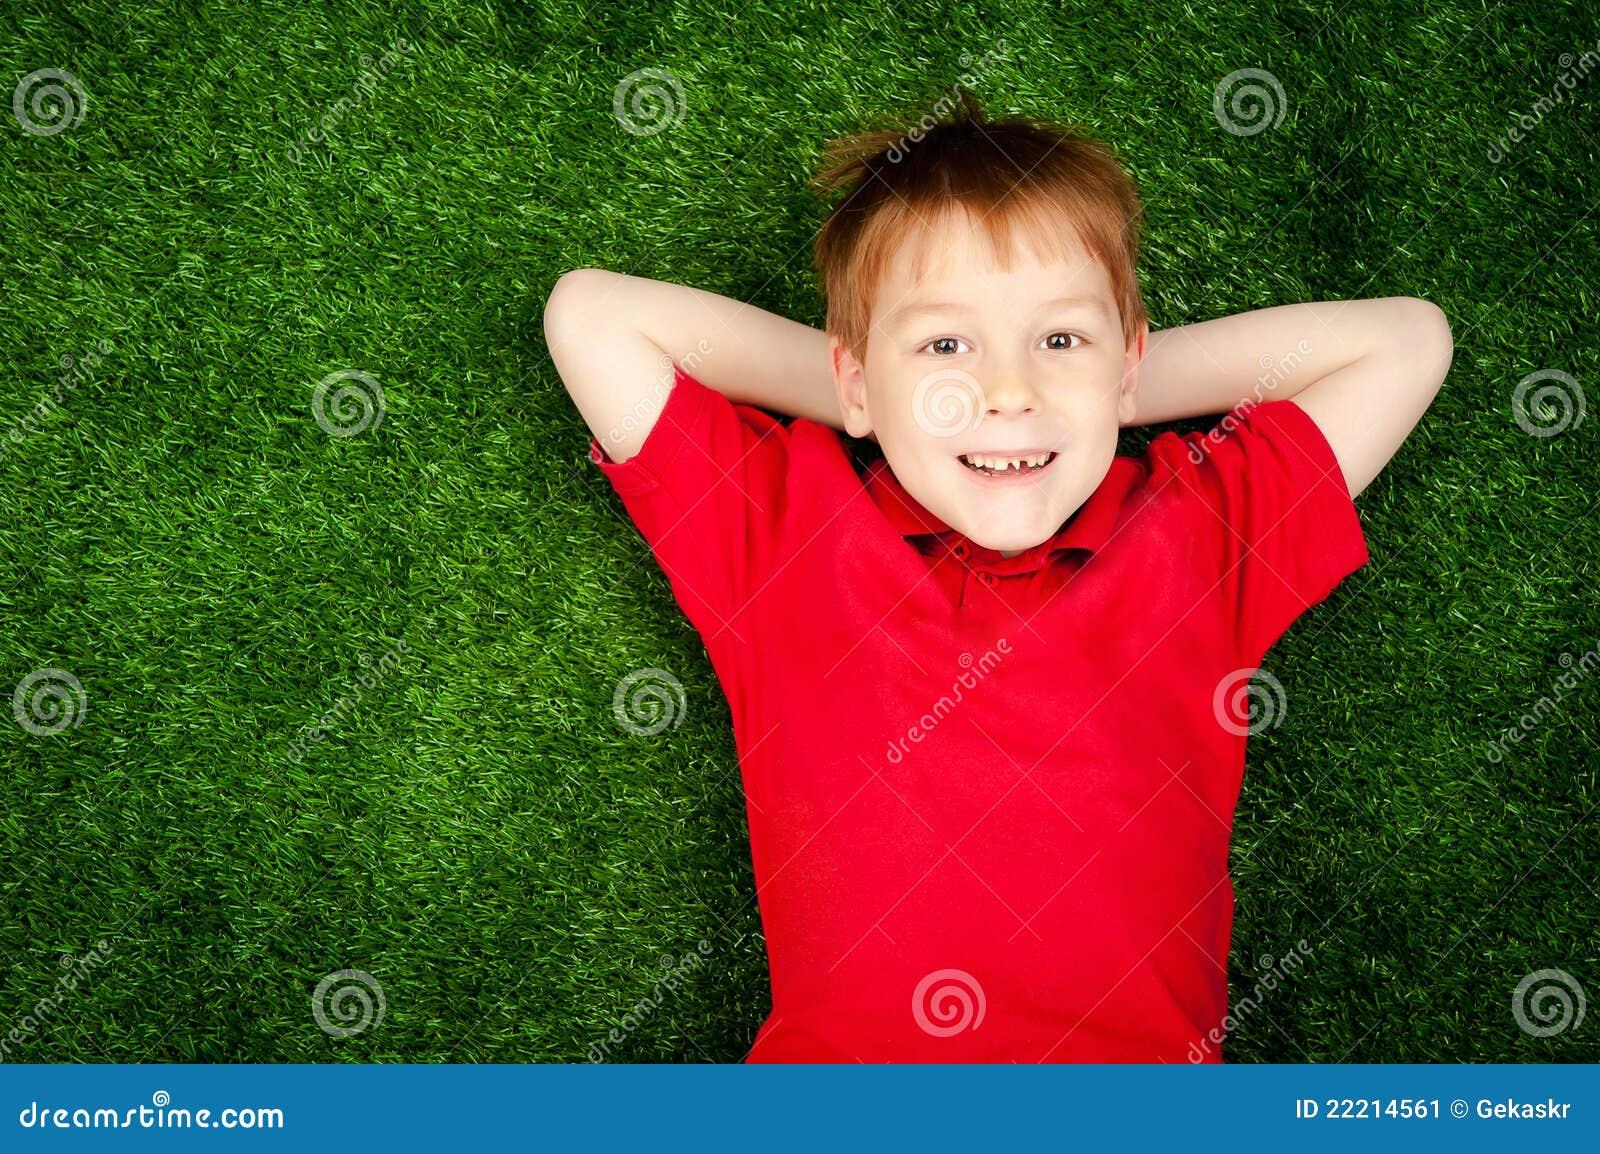 Garçon se trouvant sur une pelouse verte